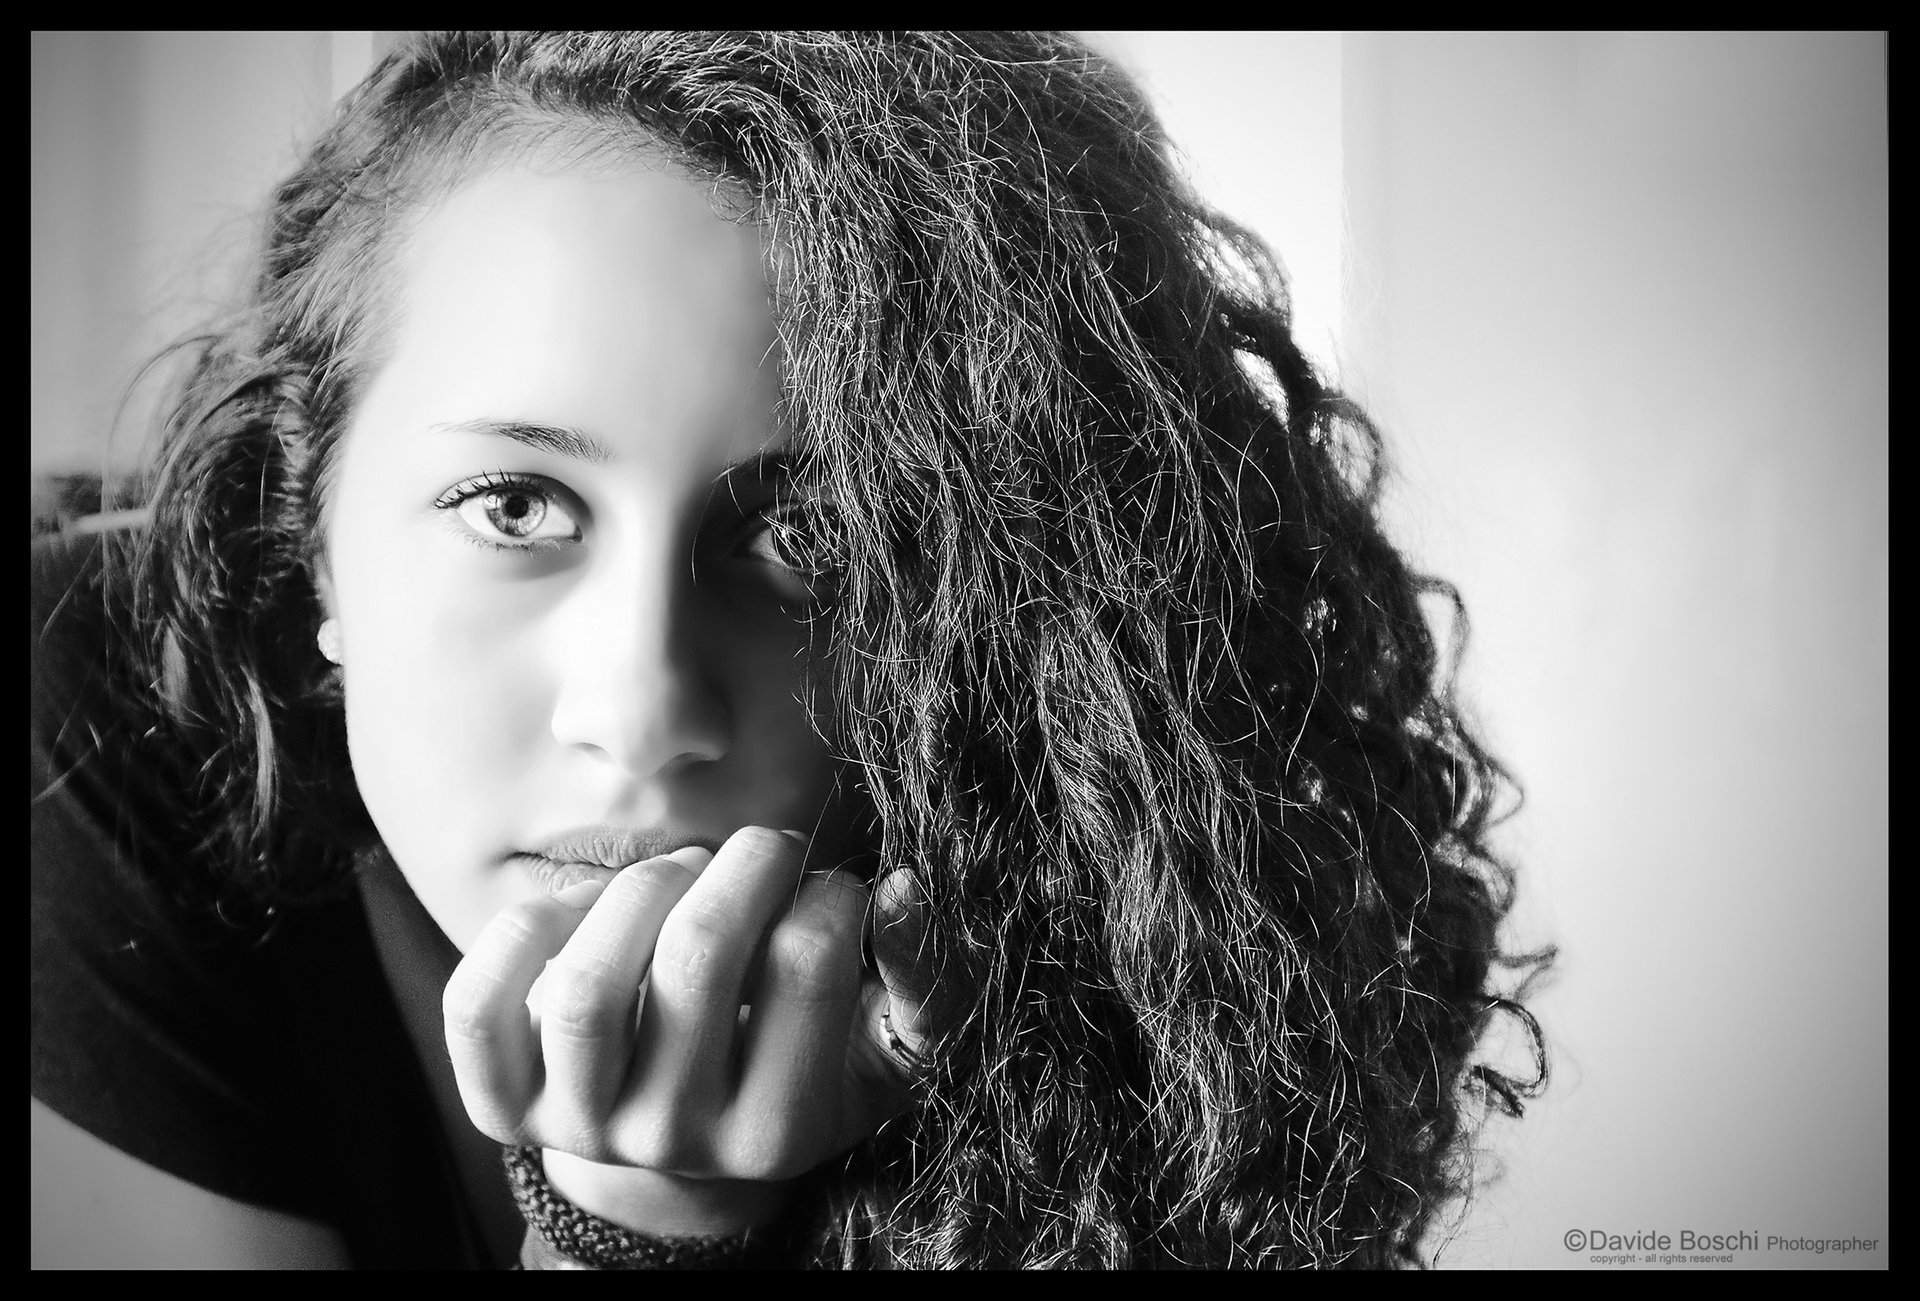 Uno sguardo triste in bianco e nero